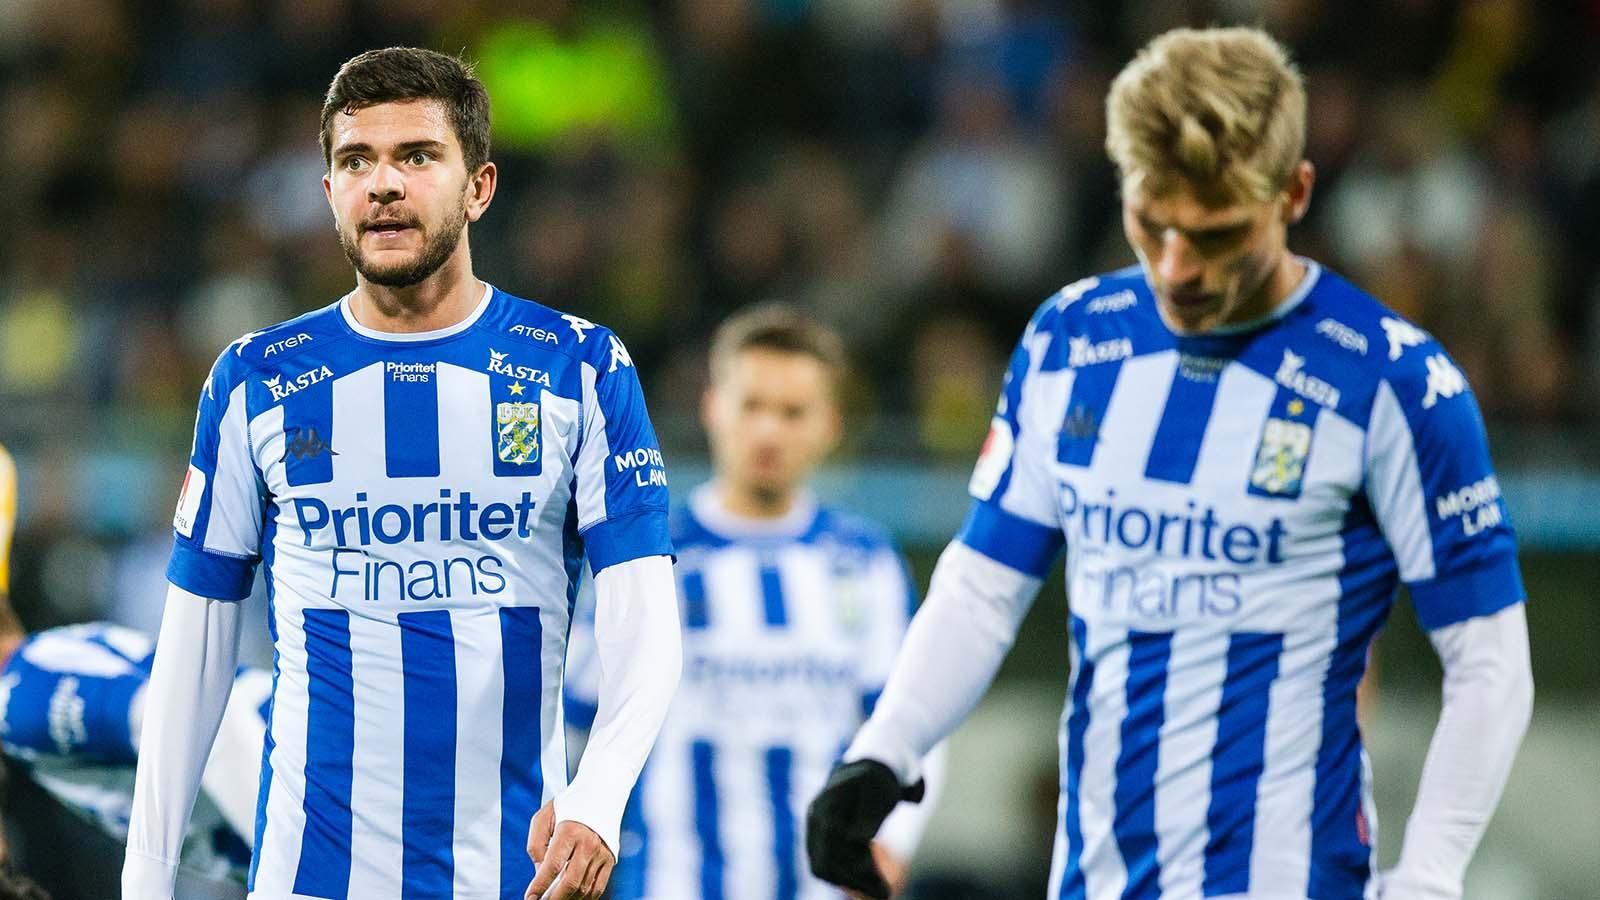 180924 IFK Göteborgs Fredrik Oldrup Jensen deppar under fotbollsmatchen i allsvenskan mellan Häcken och IFK Göteborg den 24 september 2018 i Göteborg. Foto: Michael Erichsen / BILDBYRÅN / Cop 89